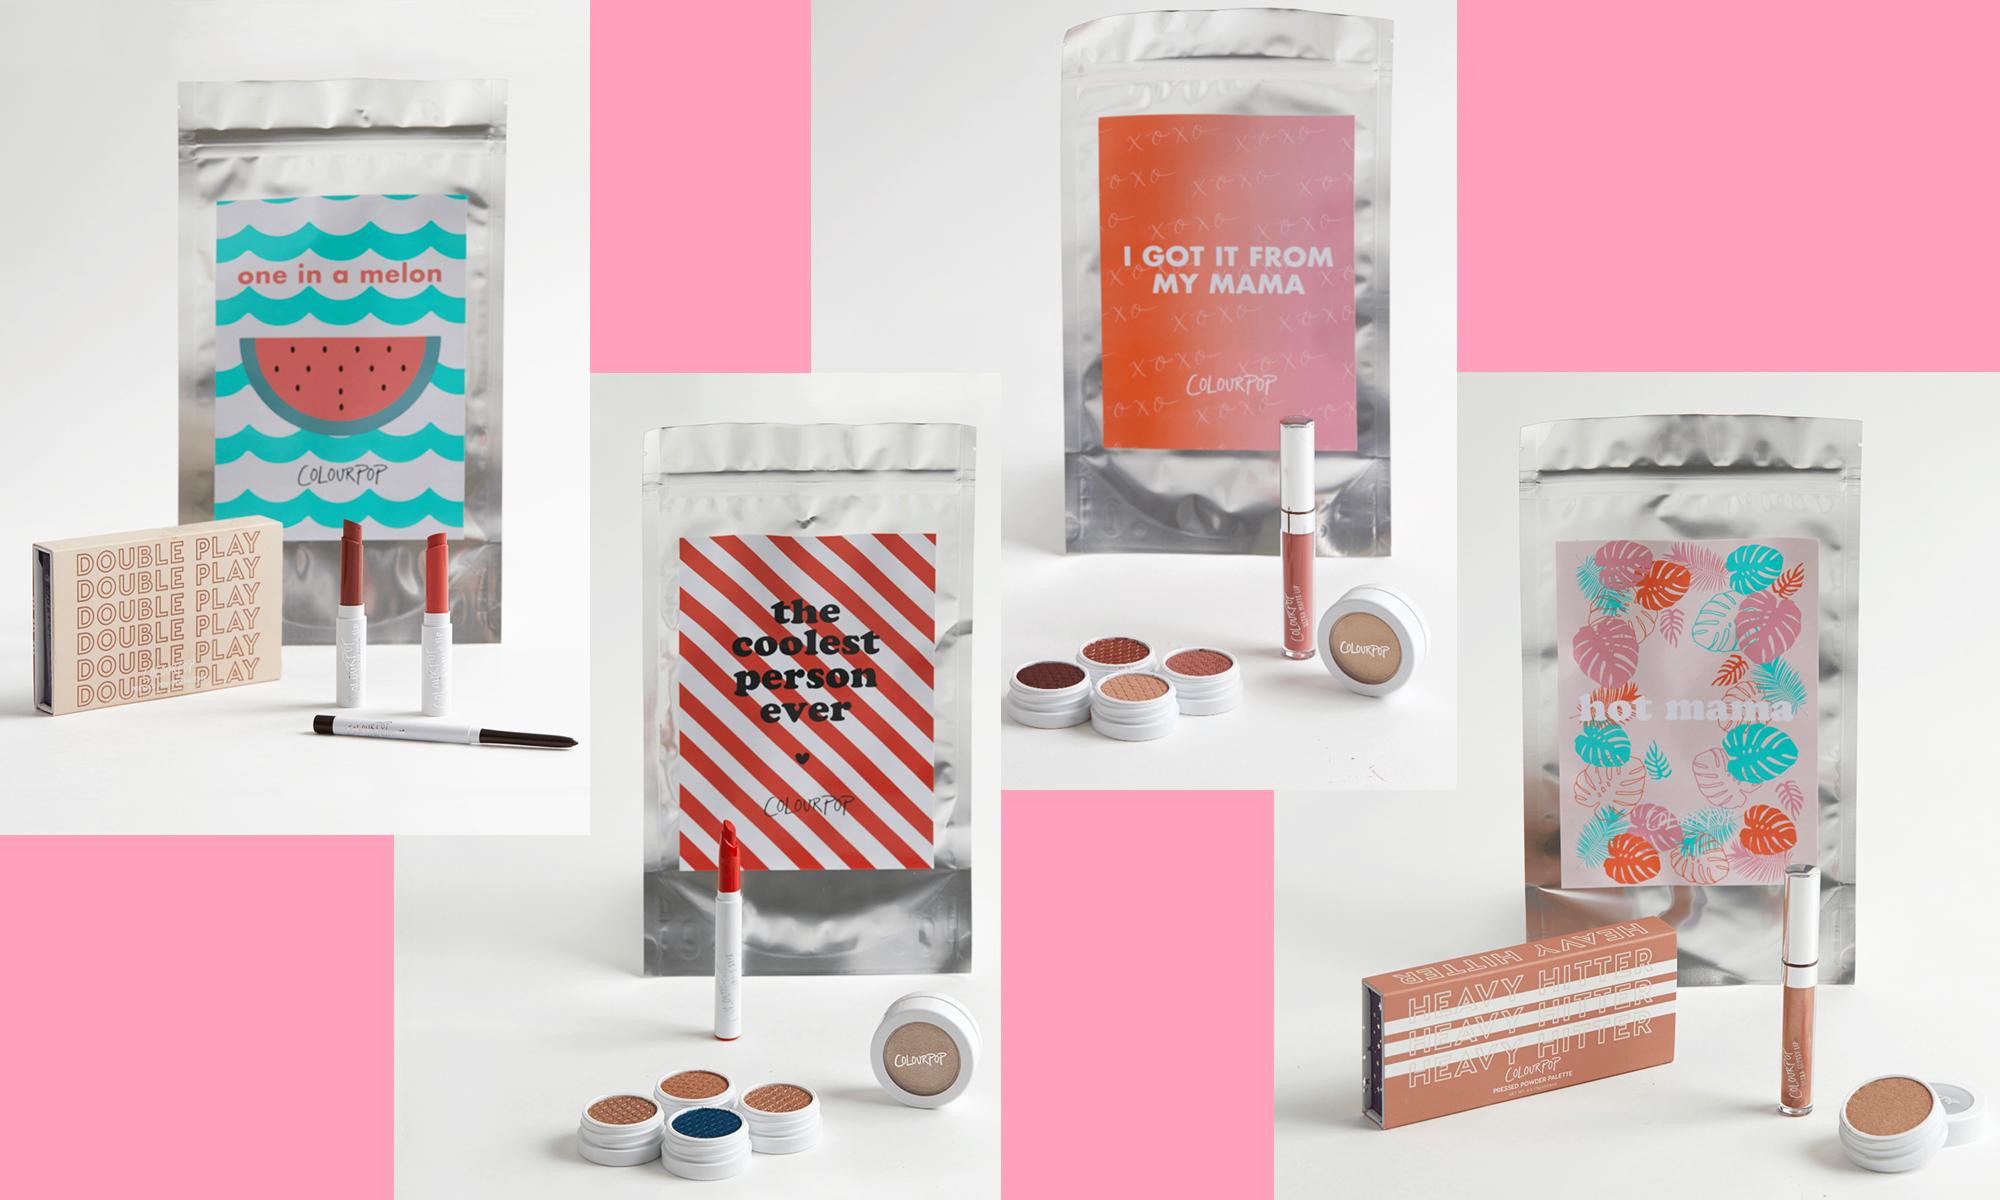 Image via ColourPop Cosmetics